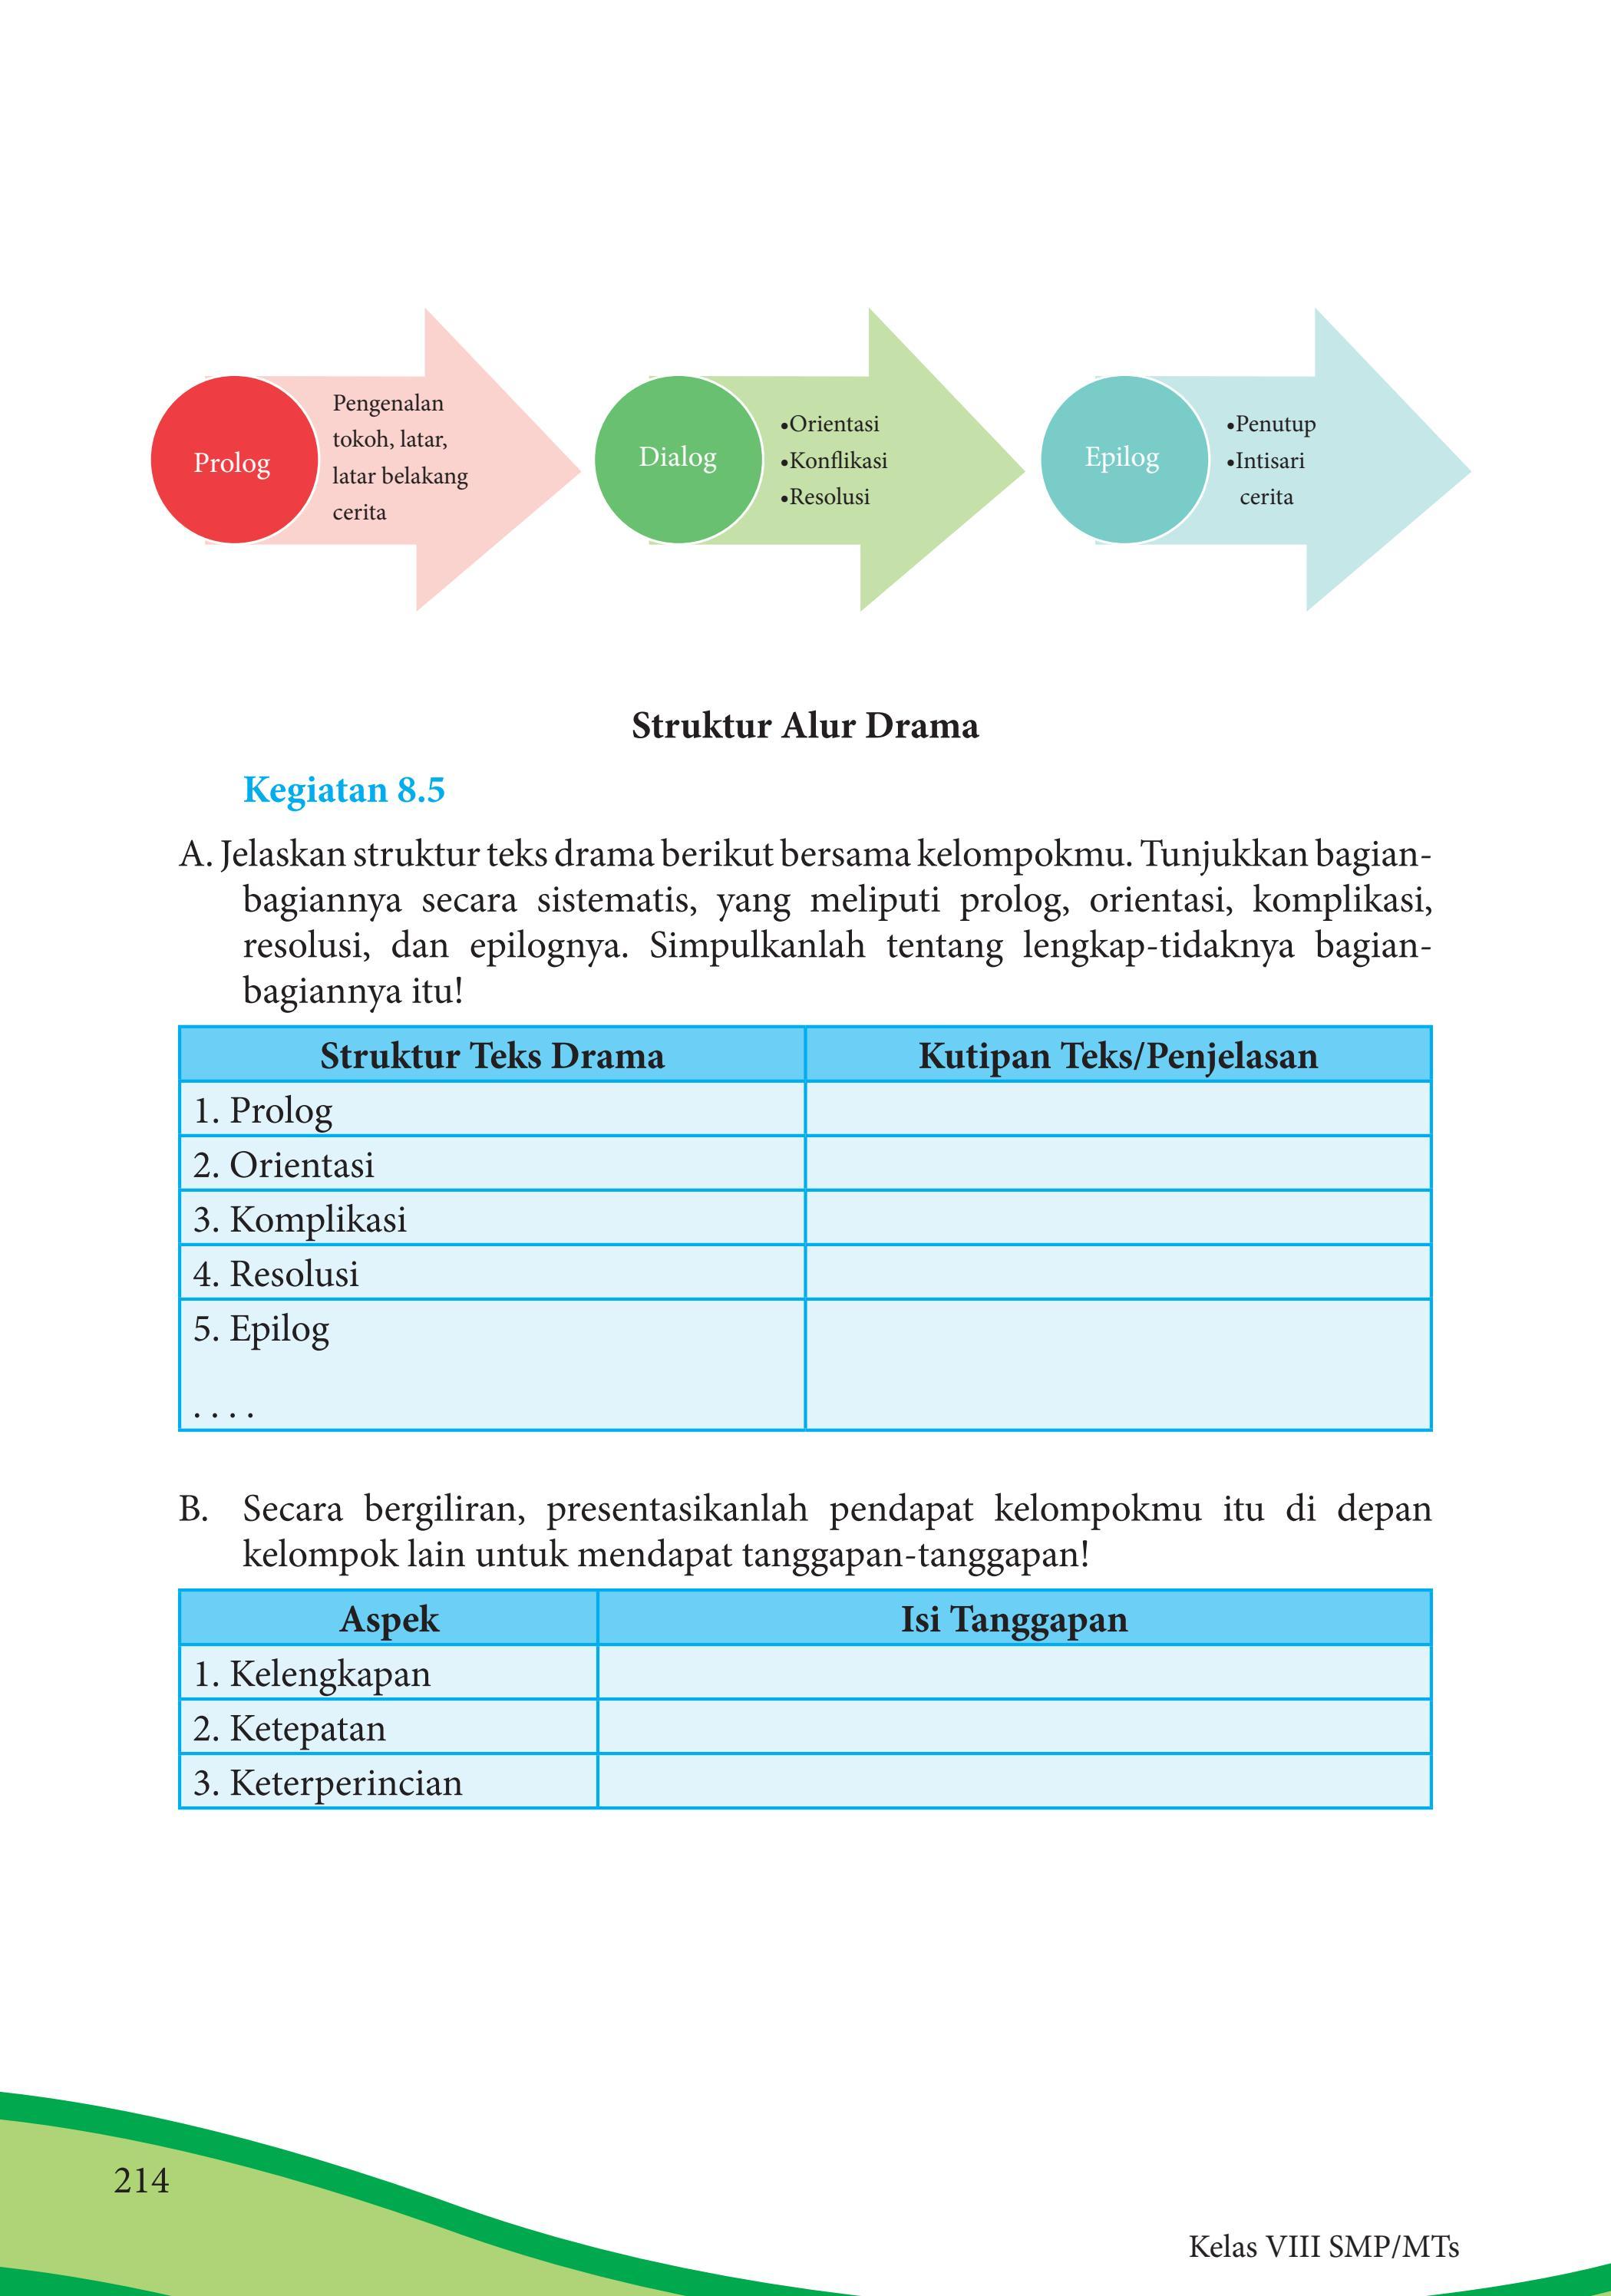 Contoh Soal Jawaban Bahasa Indonesia Kelas 8 SMP Semester 2